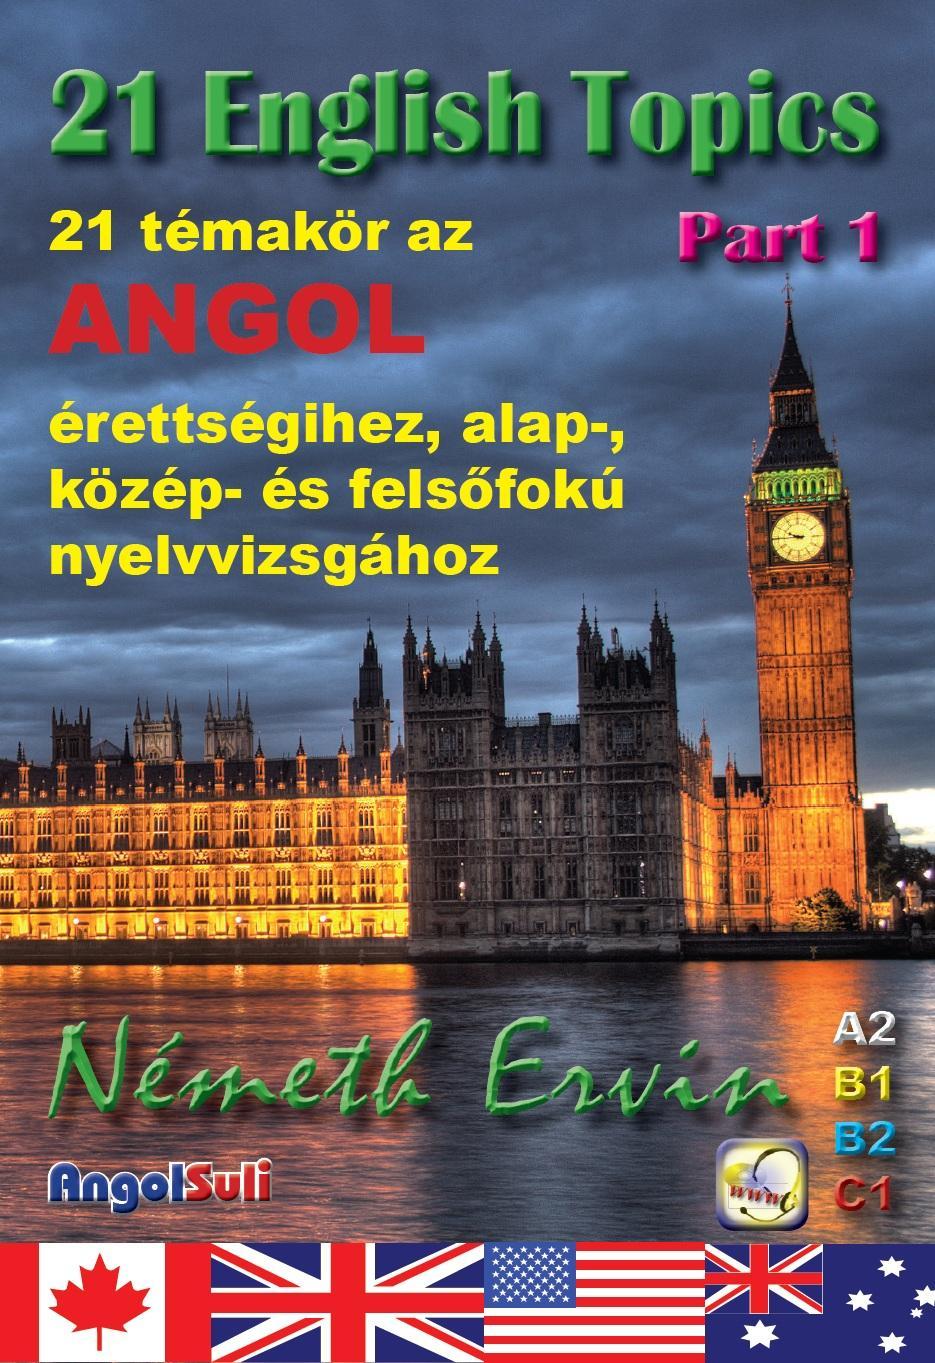 NÉMETH ERVIN - 21 ENGLISH TOPICS PART 1 - 21 TÉMAKÖR AZ ANGOL ÉRETTSÉGIHEZ...